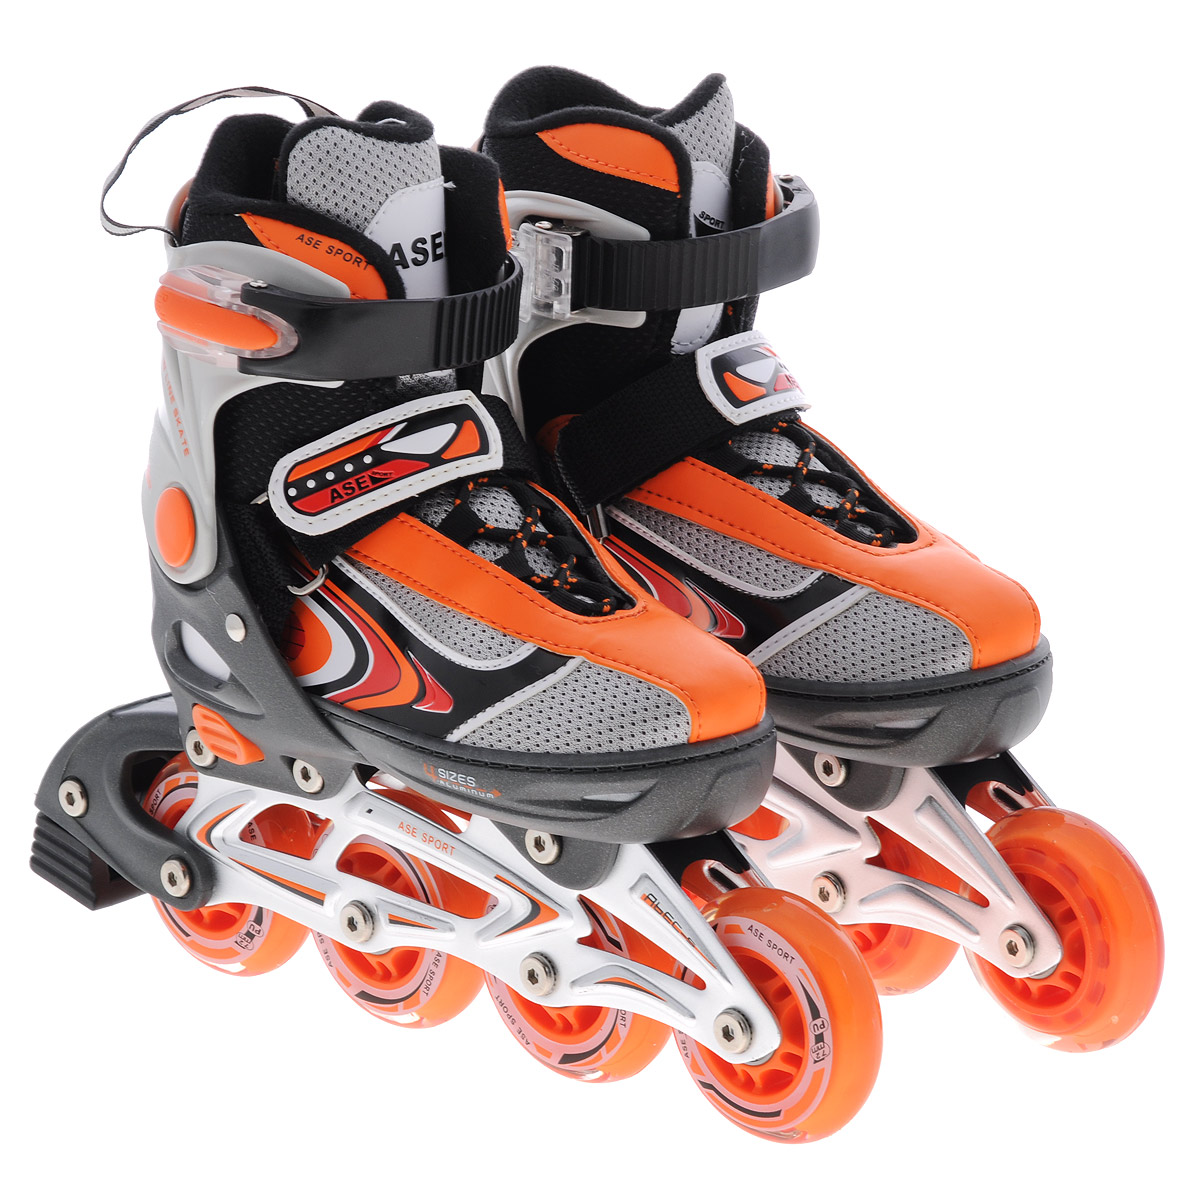 Коньки роликовые Ase-Sport, раздвижные, цвет: серый, оранжевый. ASE-626B. Размер S (33/36)ASE-626B-2Верх сапожка изготовлен из современного синтетического материала, стойкого к внешним воздействиям. Внутри сапожка отделка сделана из мягкого синтетического материала с мягкой подкладкой в боковых частях для более удобной и надежной фиксации ноги во время катания. Застежка типа AUTO LOCK удобно регулируется на нужный размер. Система изменения размера корпуса (кнопка) проста в использовании, позволяет быстро и комфортно подогнать сапожок под ногу. Корпус коньков изготовлен из прочного пластика, стойкого к механическим нагрузкам и внешним воздействиям окружающей среды. Ударопрочная пластиковая силовая манжета. Алюминиевая рама дает дополнительную прочность и скорость отталкивания во время катания. Стельки сделаны из специального вспененного материала, который удобно повторяет анатомическое строение стопы ноги и дополнительно поглощает вибрацию. Шнуровка коньков: матерчатые петли в сочетании с широким язычком, шнурки из полиэстера с синтетическими волокнами для более прочной фиксации ноги. Ролики комплектуются тормозом, колесами класса жесткости 82А, точность подшипников ABEC-5.